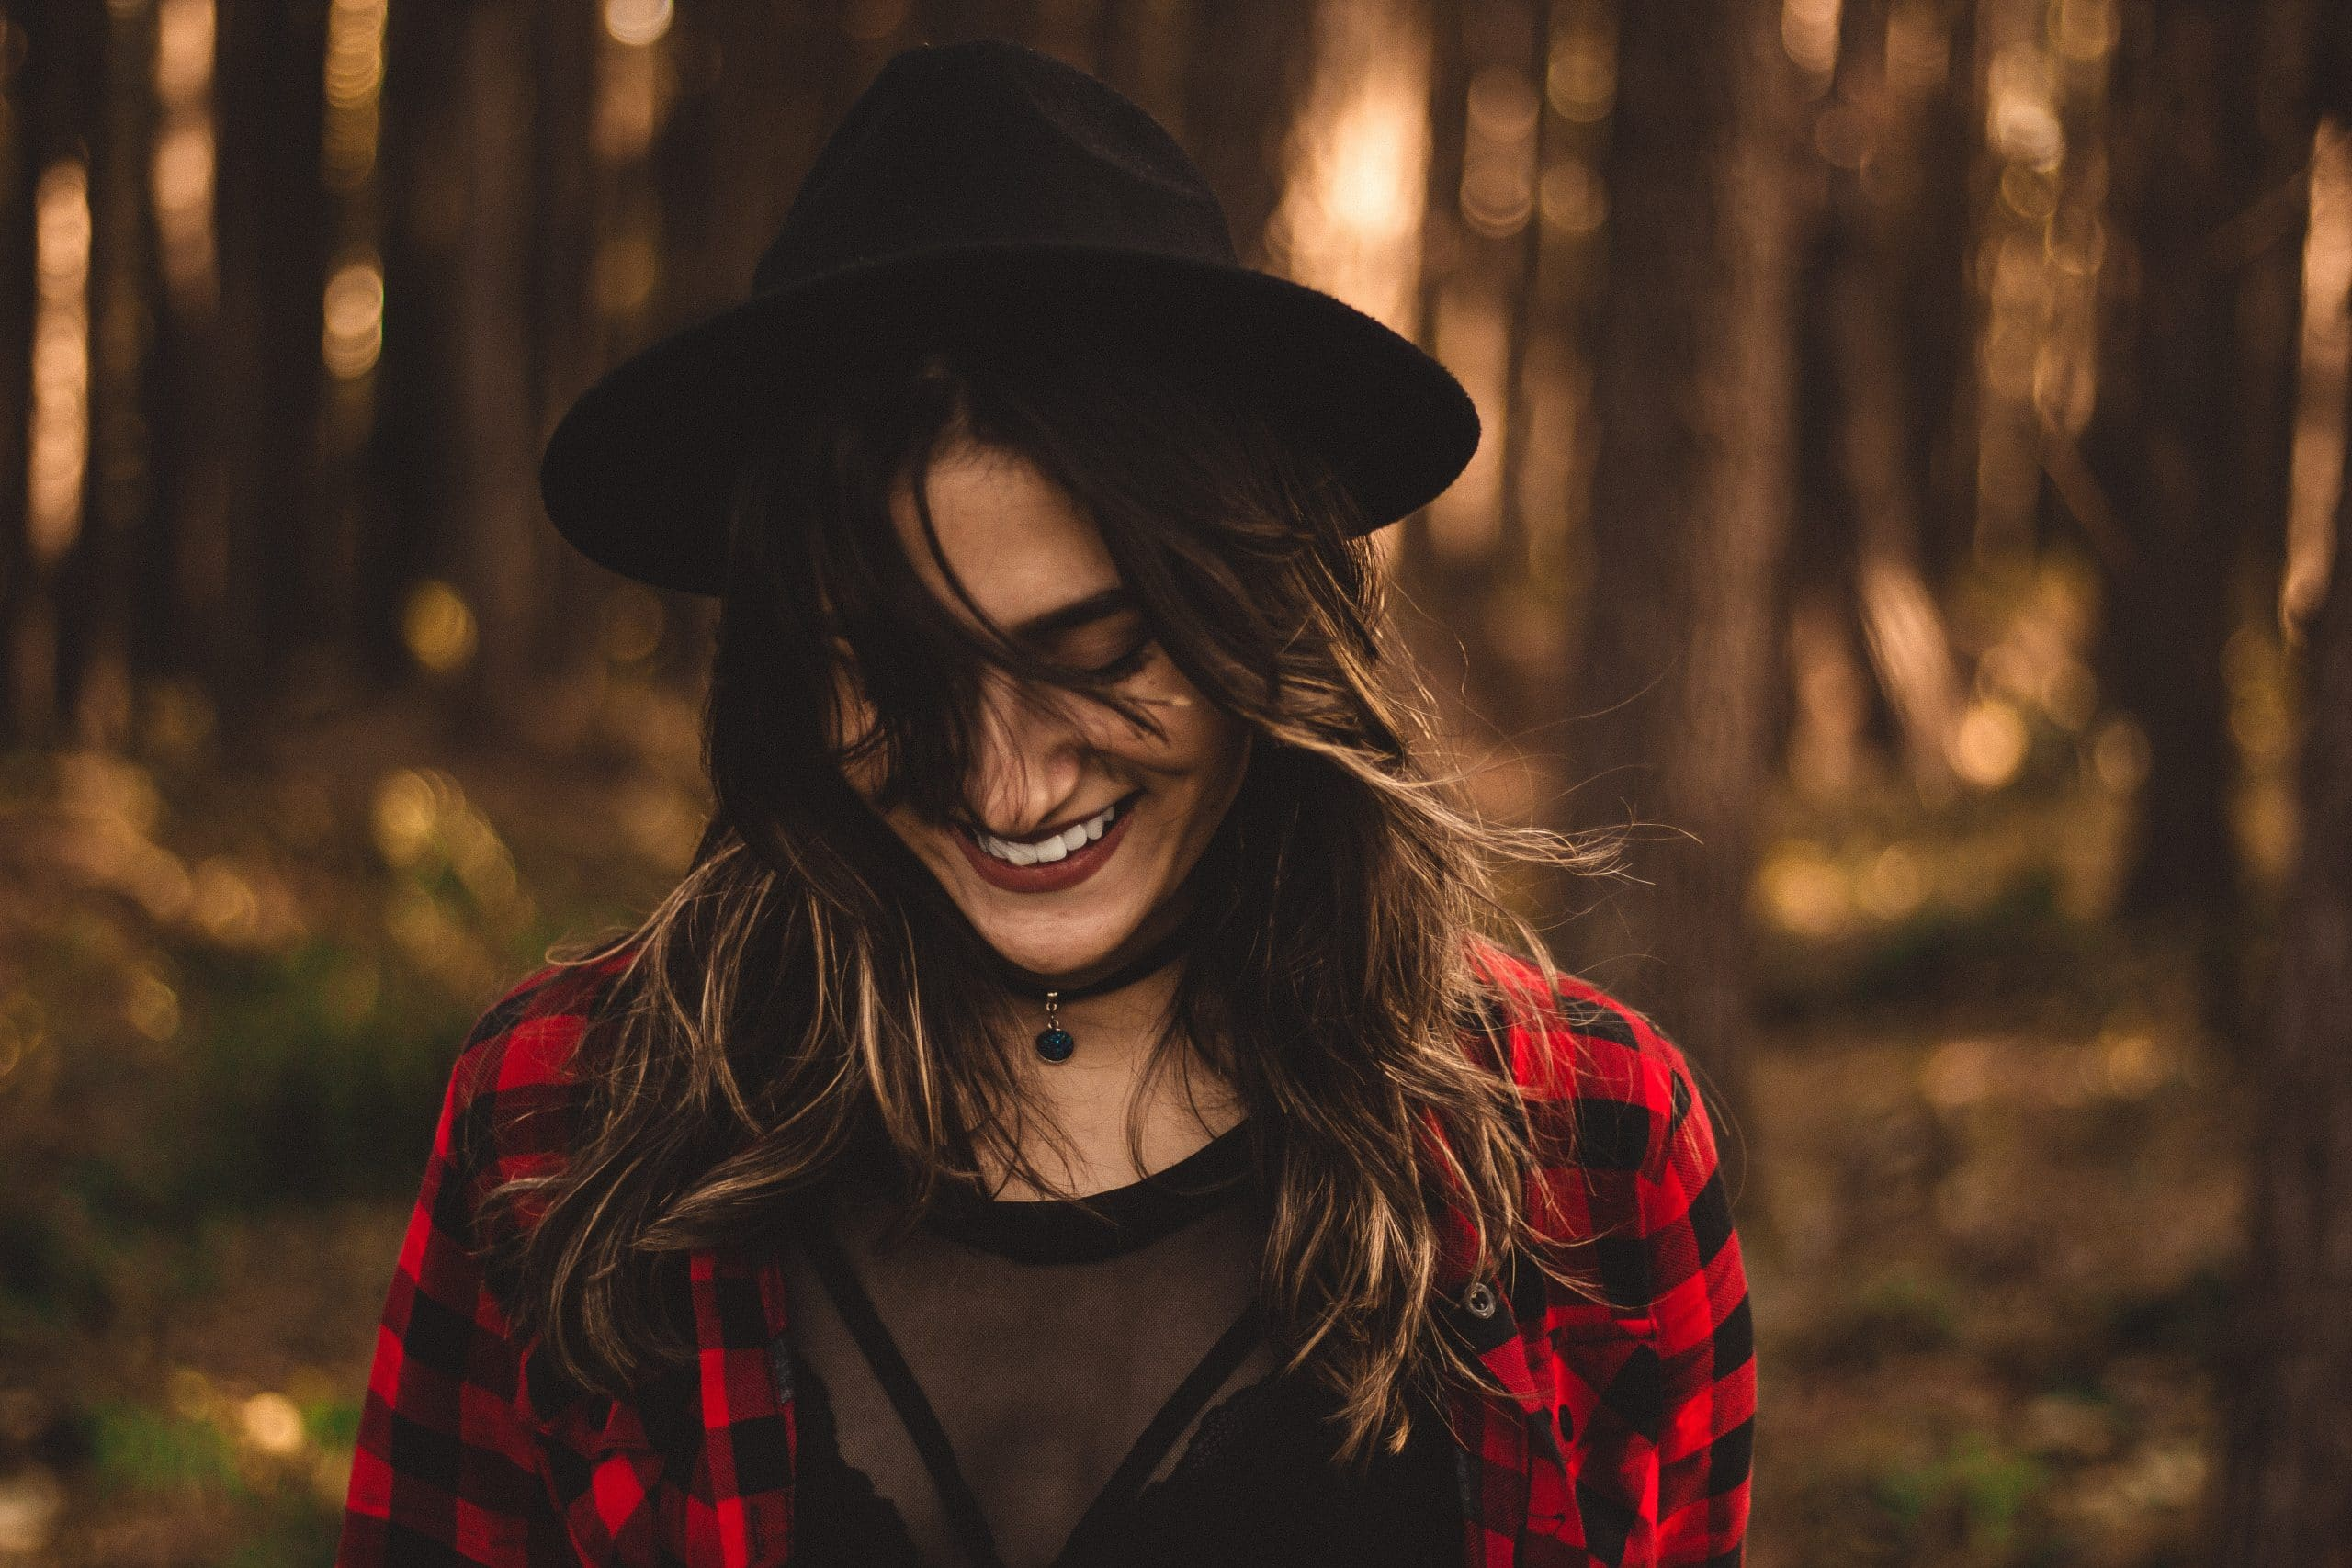 Mulher de chapéu com cabelos ao vento em foco com árvores ao fundo